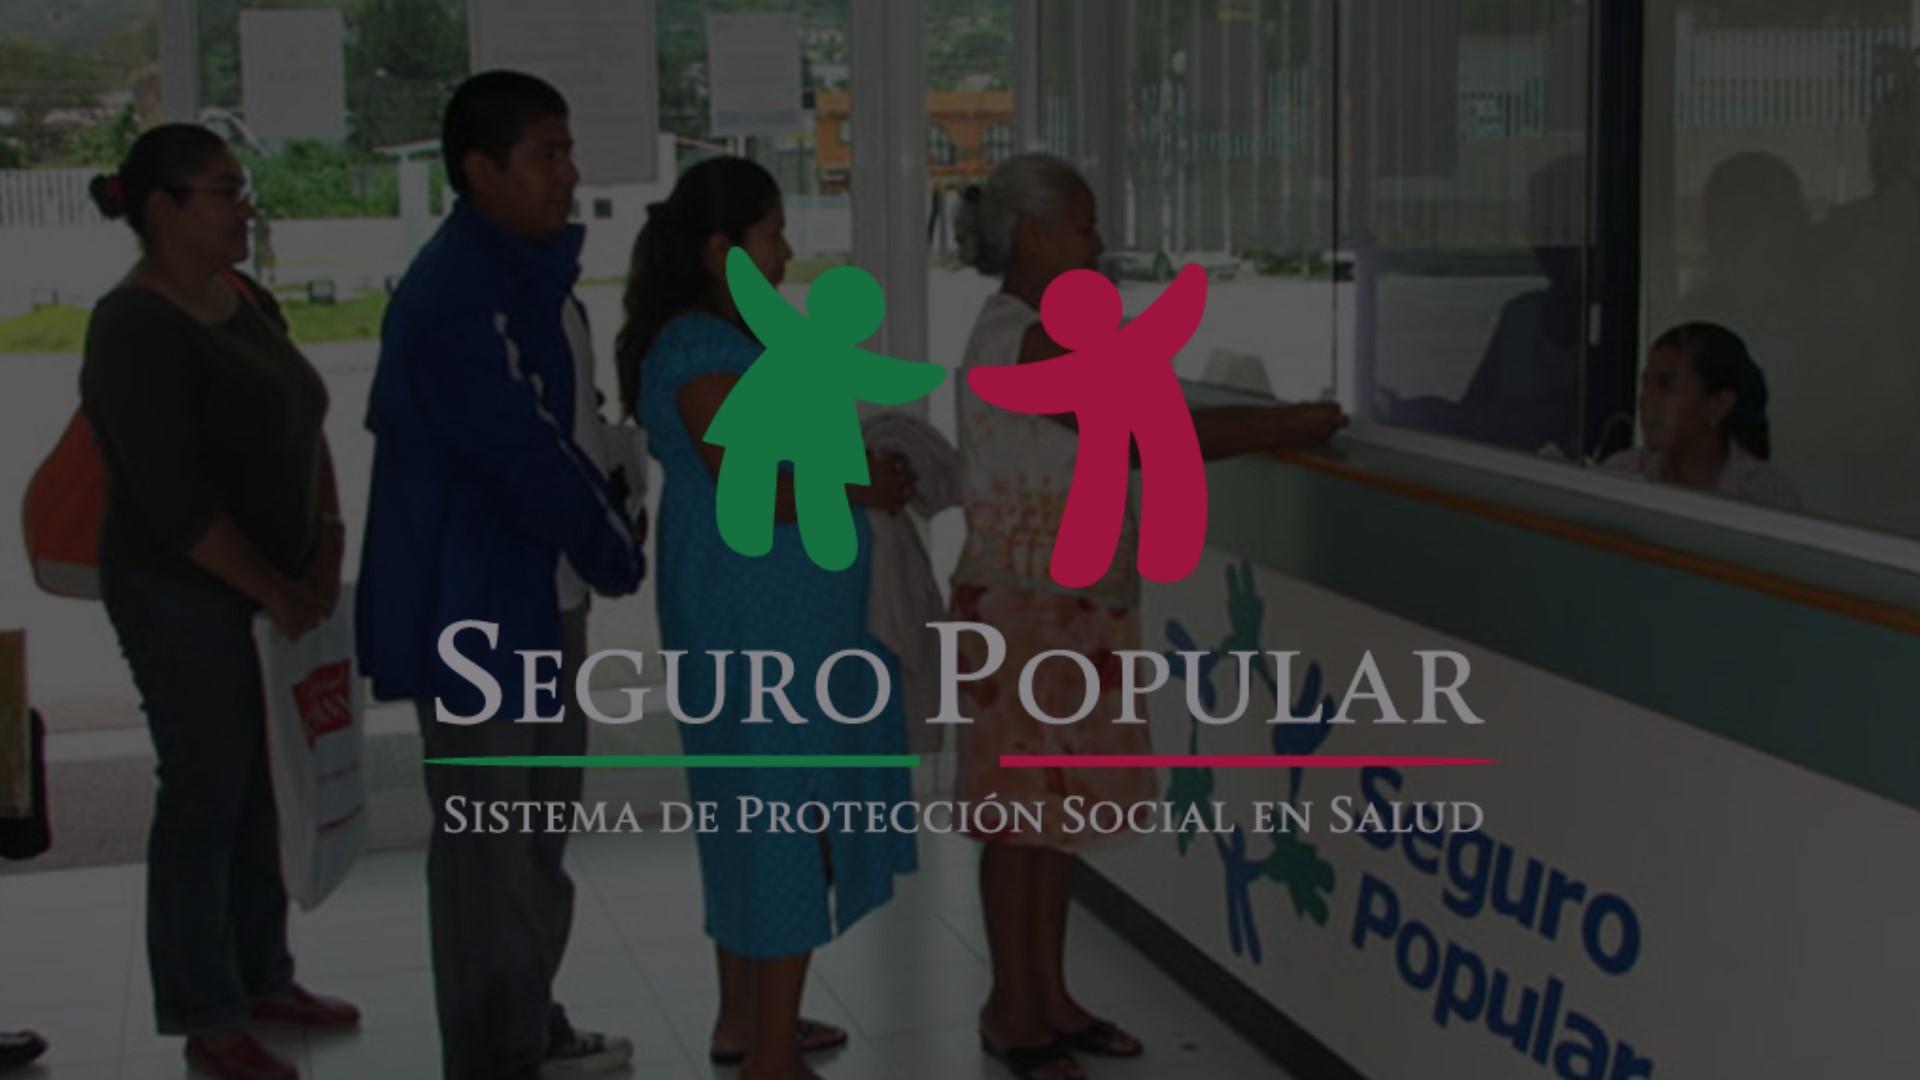 Seguro Popular de México